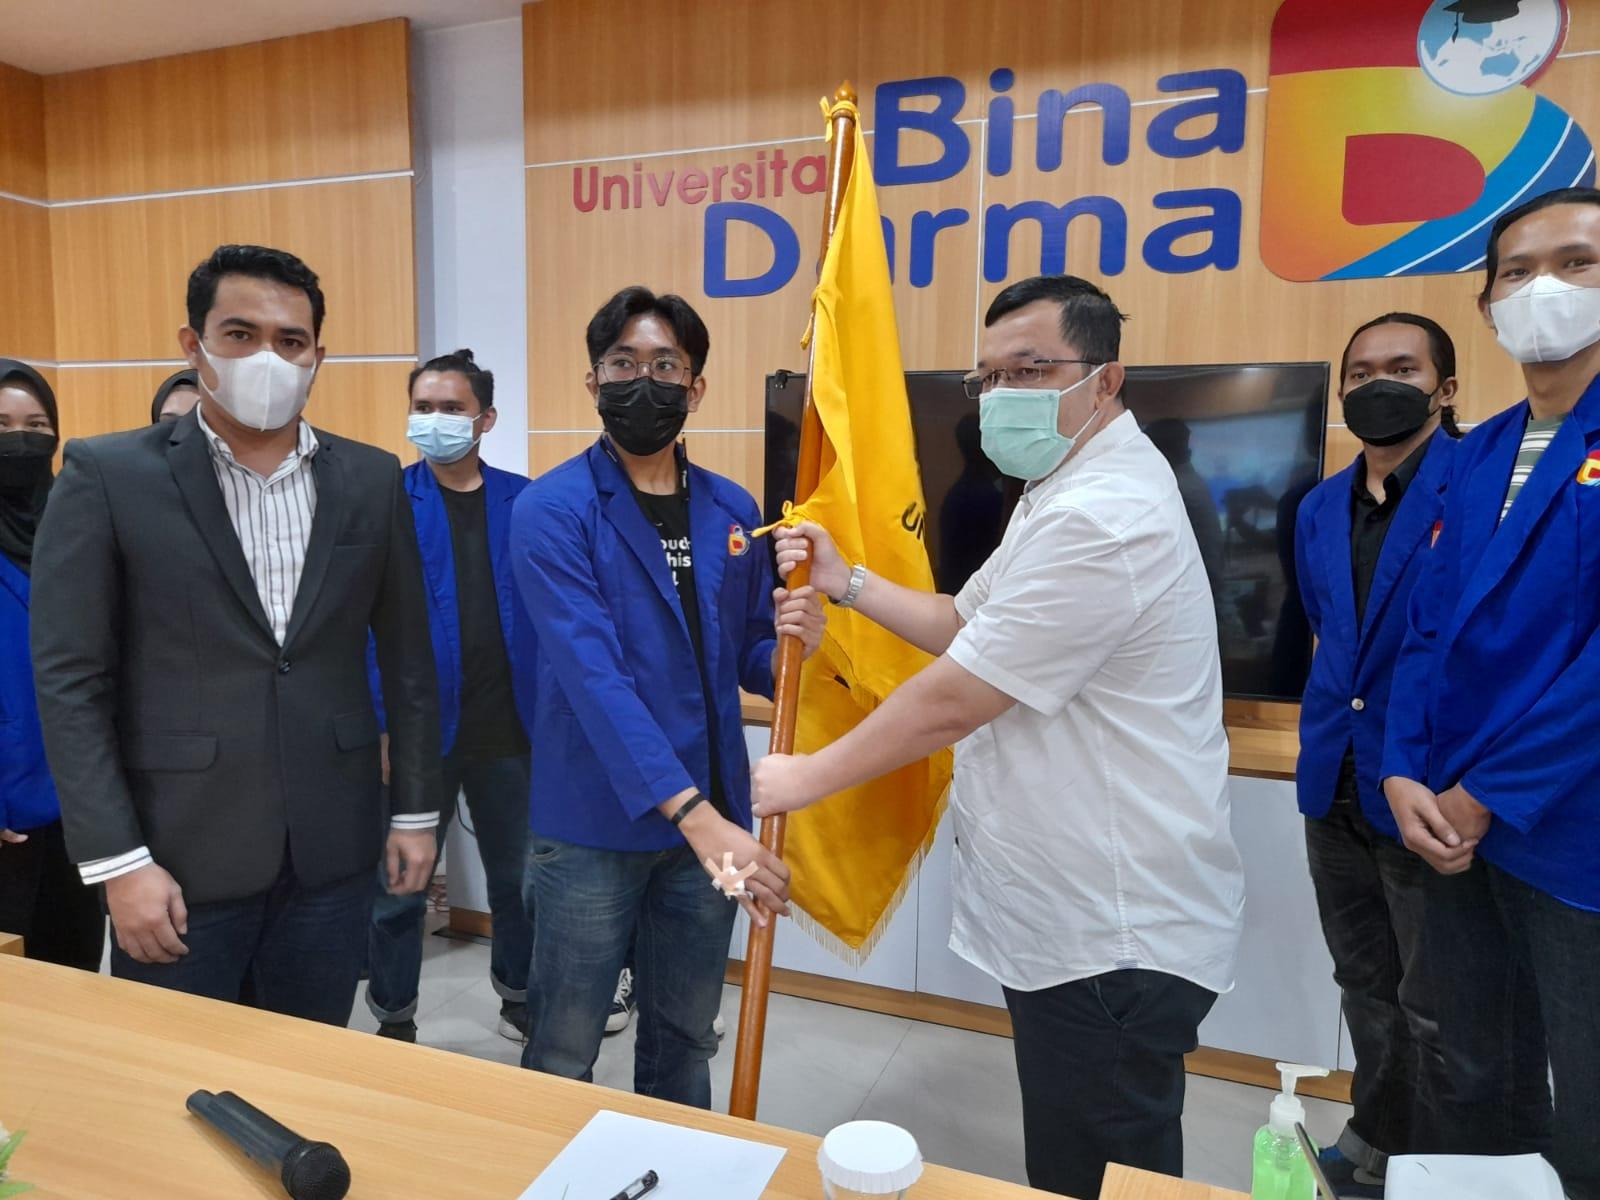 Pelaksanaan BIMTEK dan Pelepasan Mahasiswa KKN Universitas Bina Darma, Sabtu (24/7)